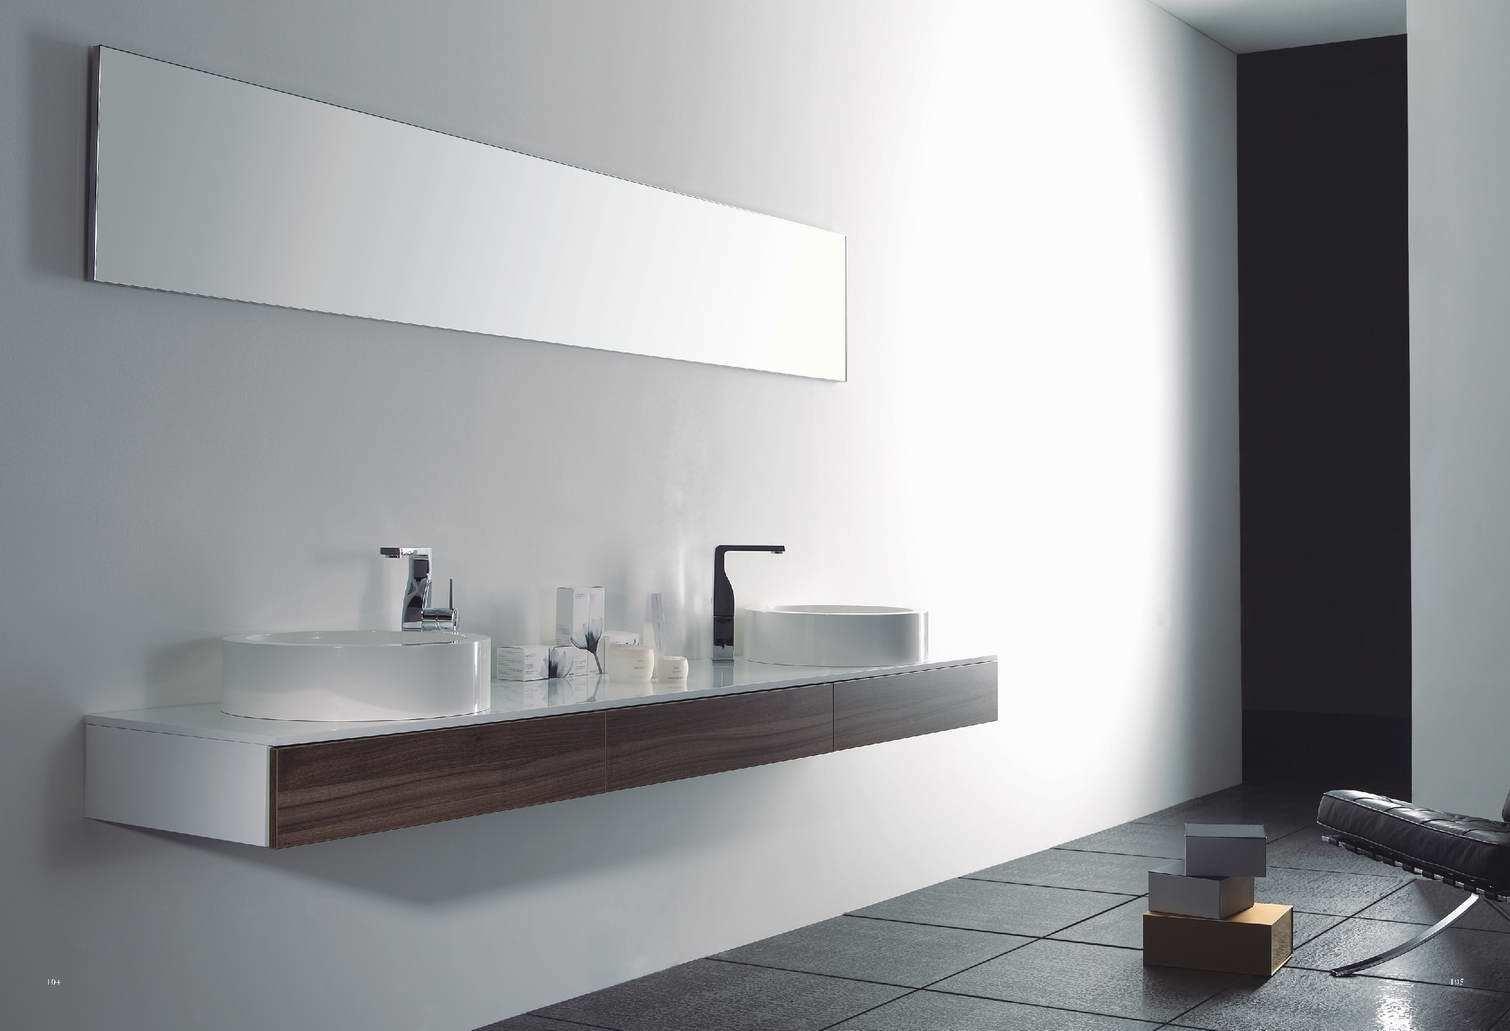 Armoire salle de bain bois avec haute résolution photographies ...